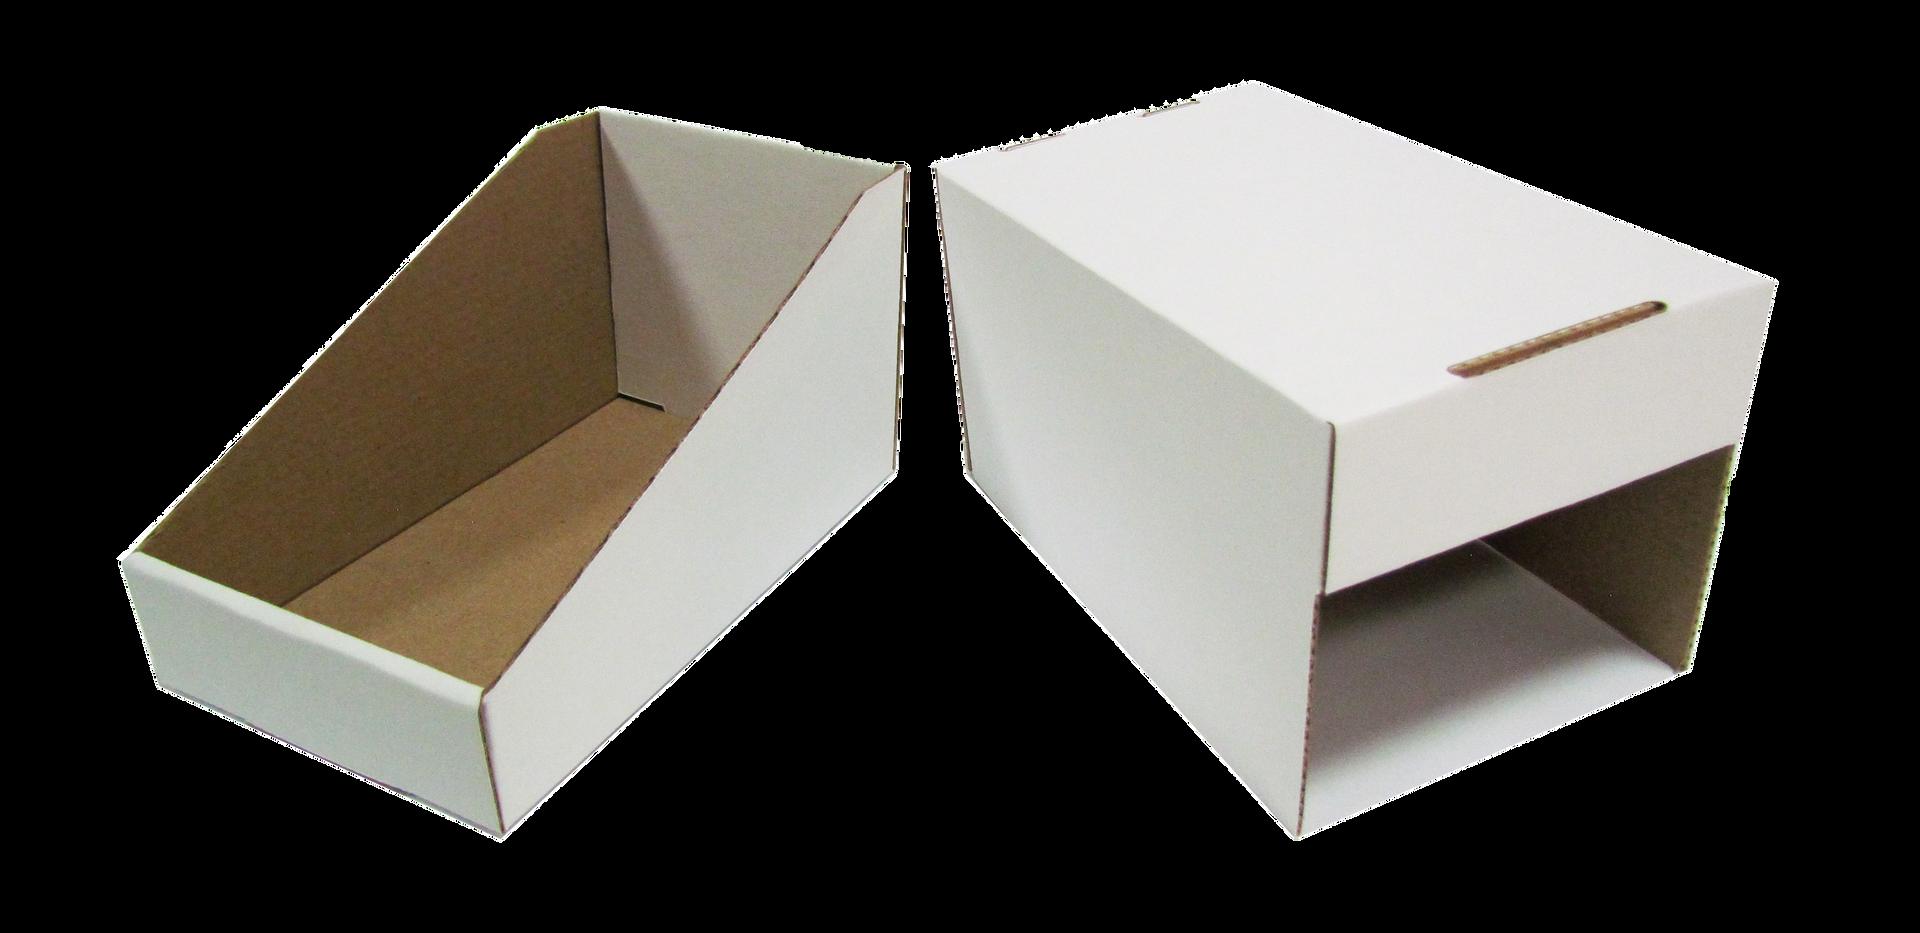 """Exhibidor 2 partes (abierta)  de acuerdo a las medidas que se acomoden a sus necesidades asi como el tipo de material y linner exterior  Material: -Flauta """"B"""" -Flauta """"C"""" -Flauta """"E""""  DOBLE CORRUGADO -Flauta """"BC"""" -Flauta """"BE""""  Linner exterior: -Blanco -Kraft  Con o sin impresión"""